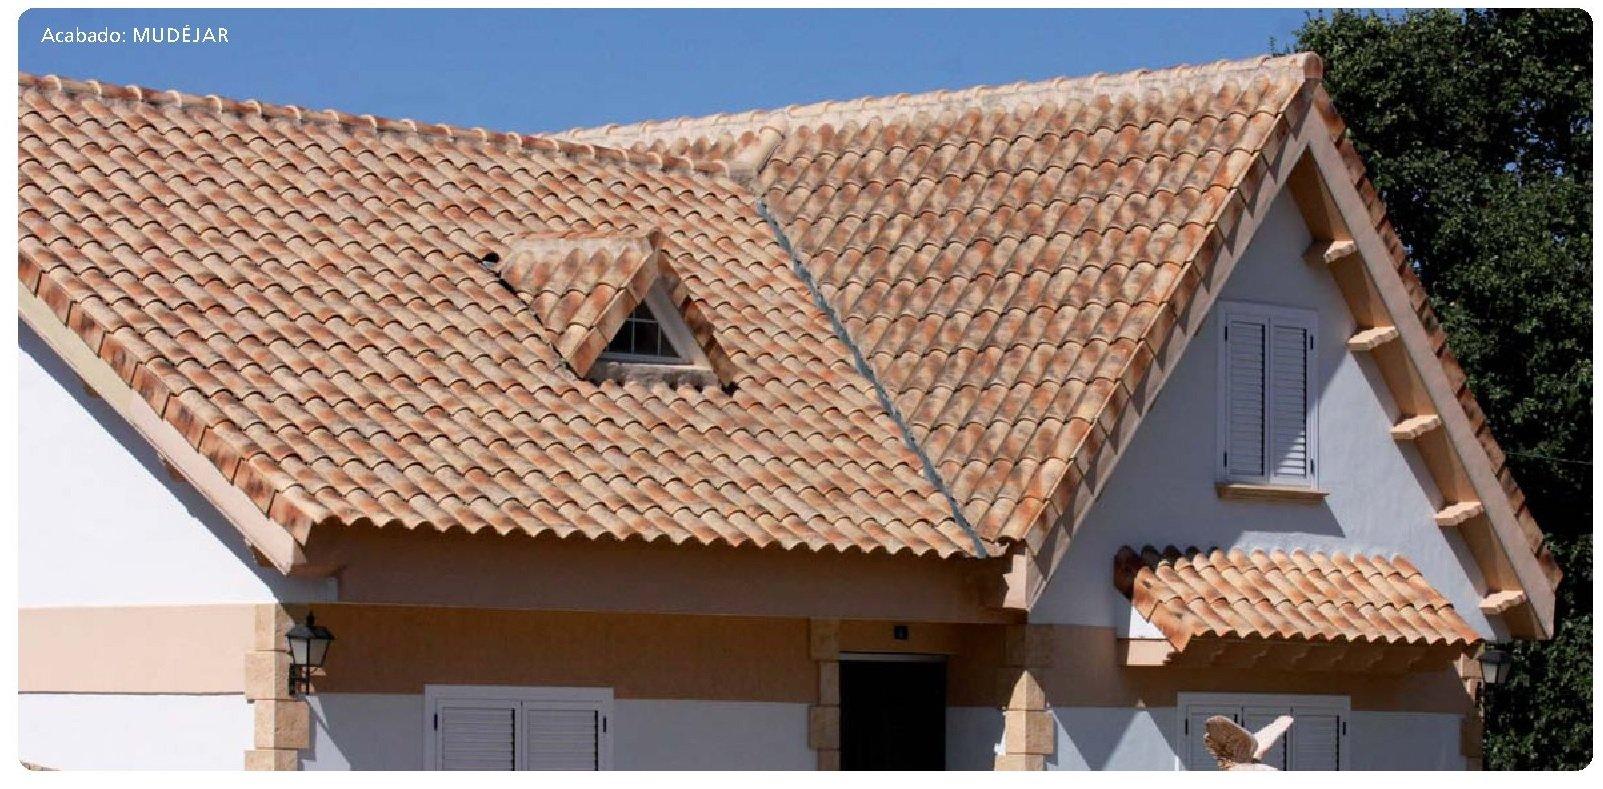 tejado con teja ceramica mixta collado 10 mudejar